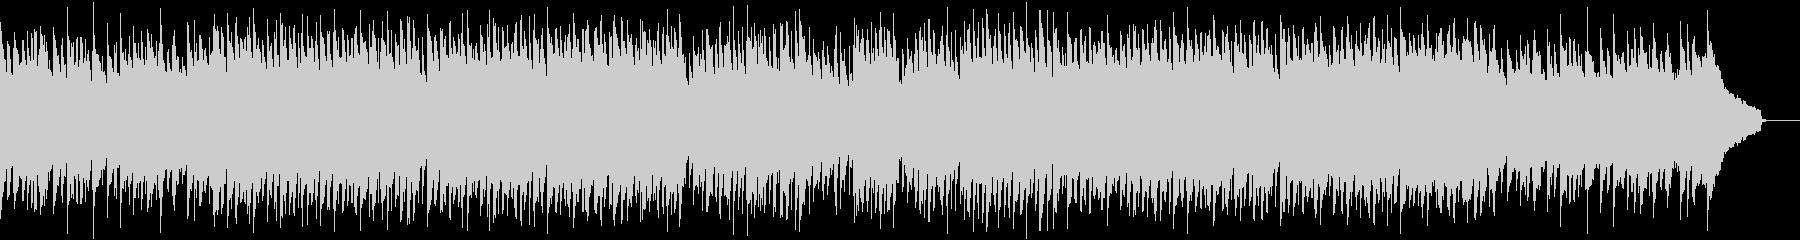 ジャズ・ピアノ・綺麗・PVの未再生の波形